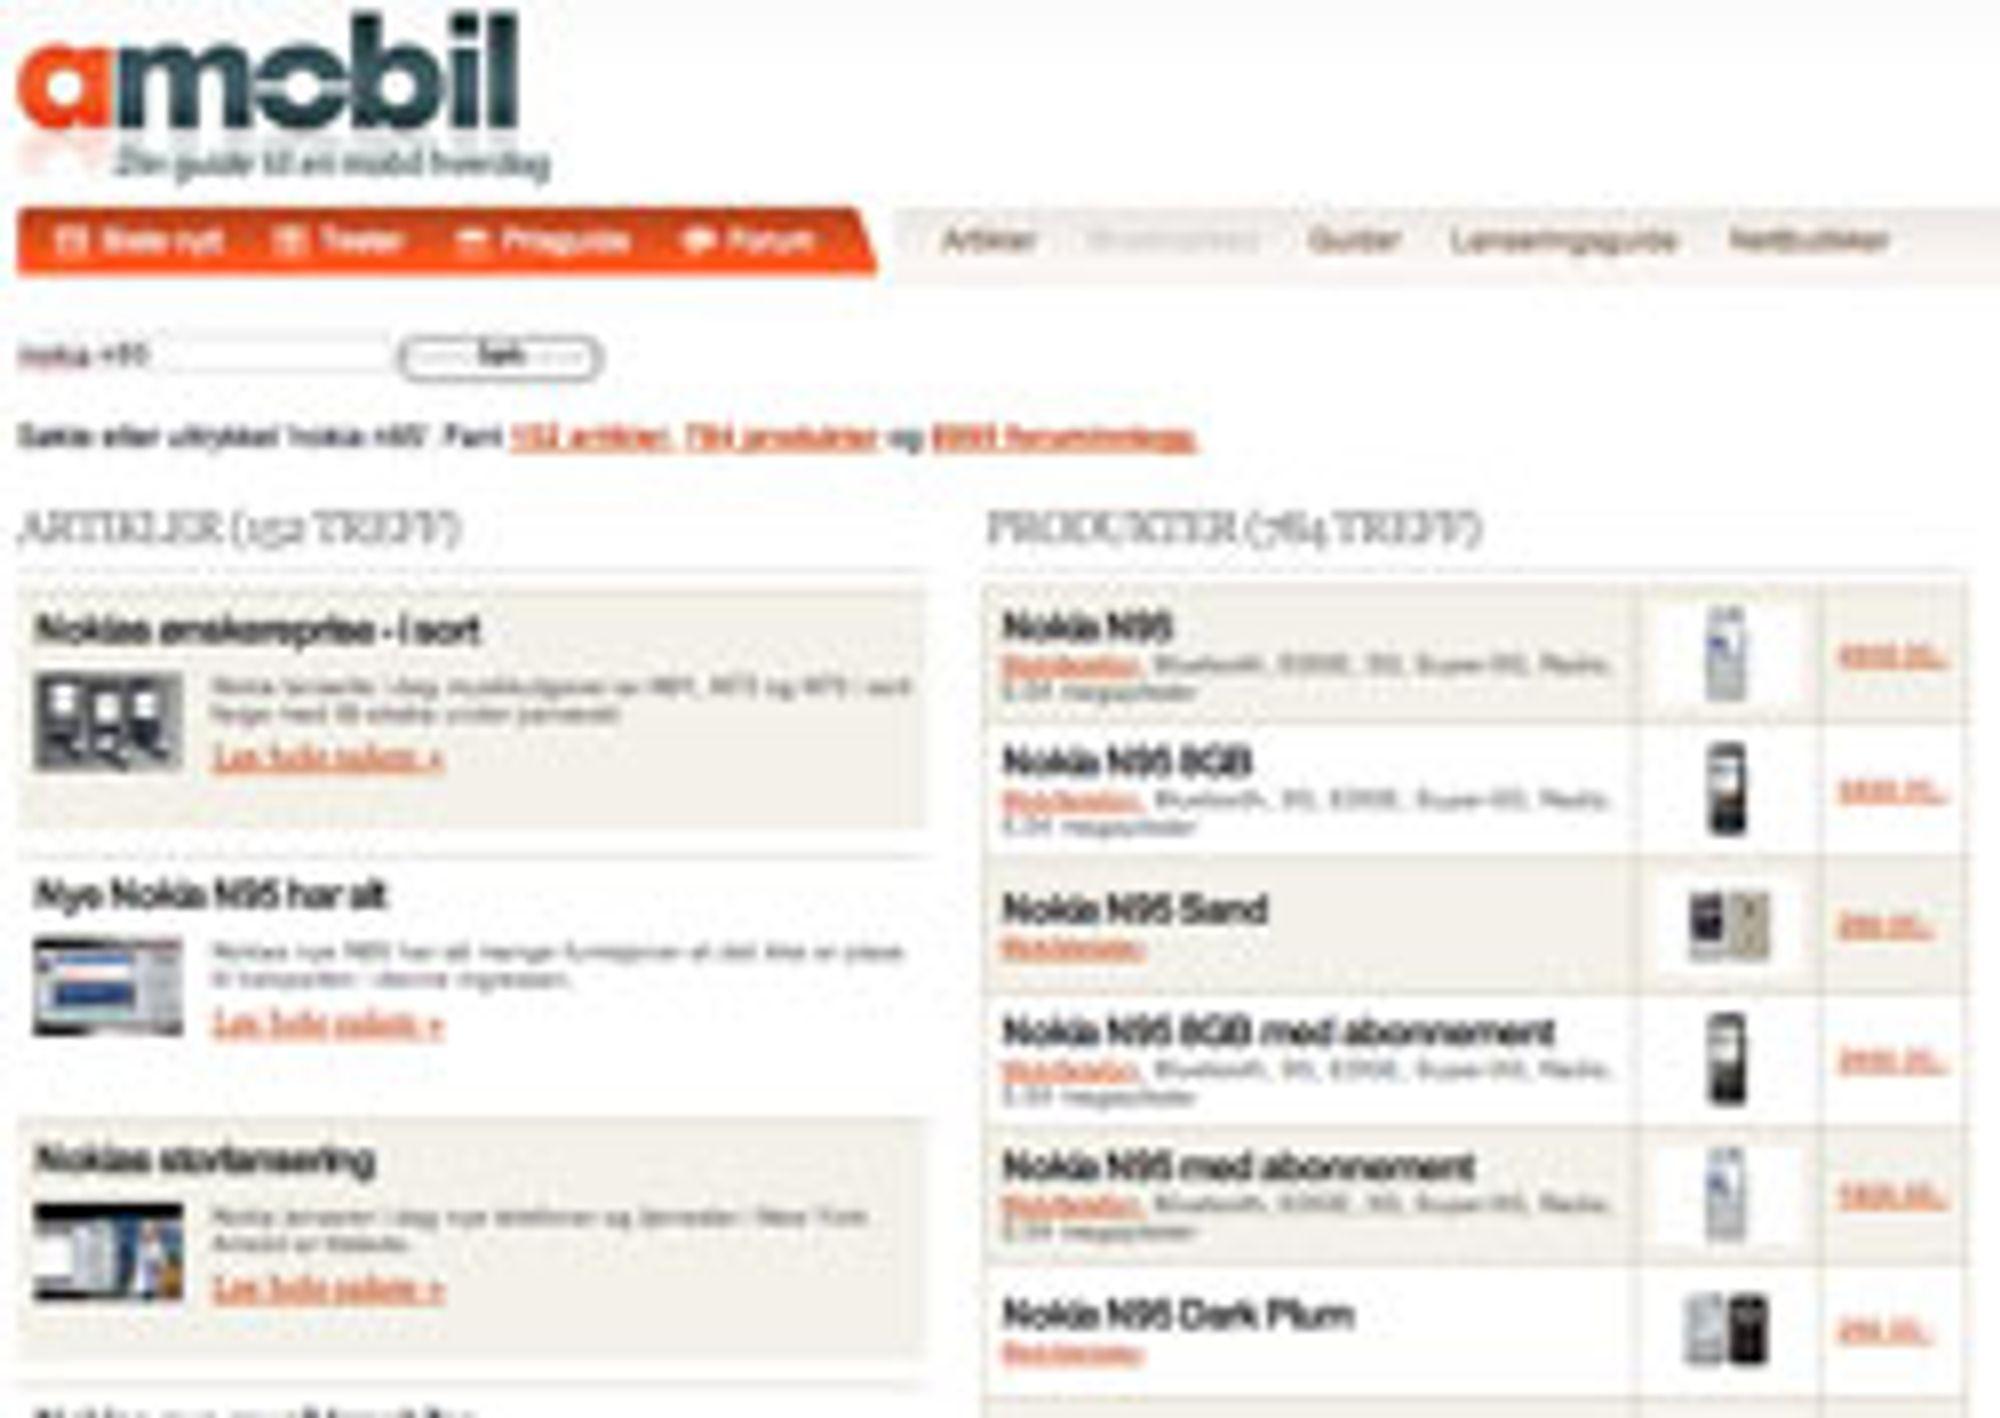 Nå søker du gjennom hele siden samtidig, både i forumet, prisguiden og artikler.